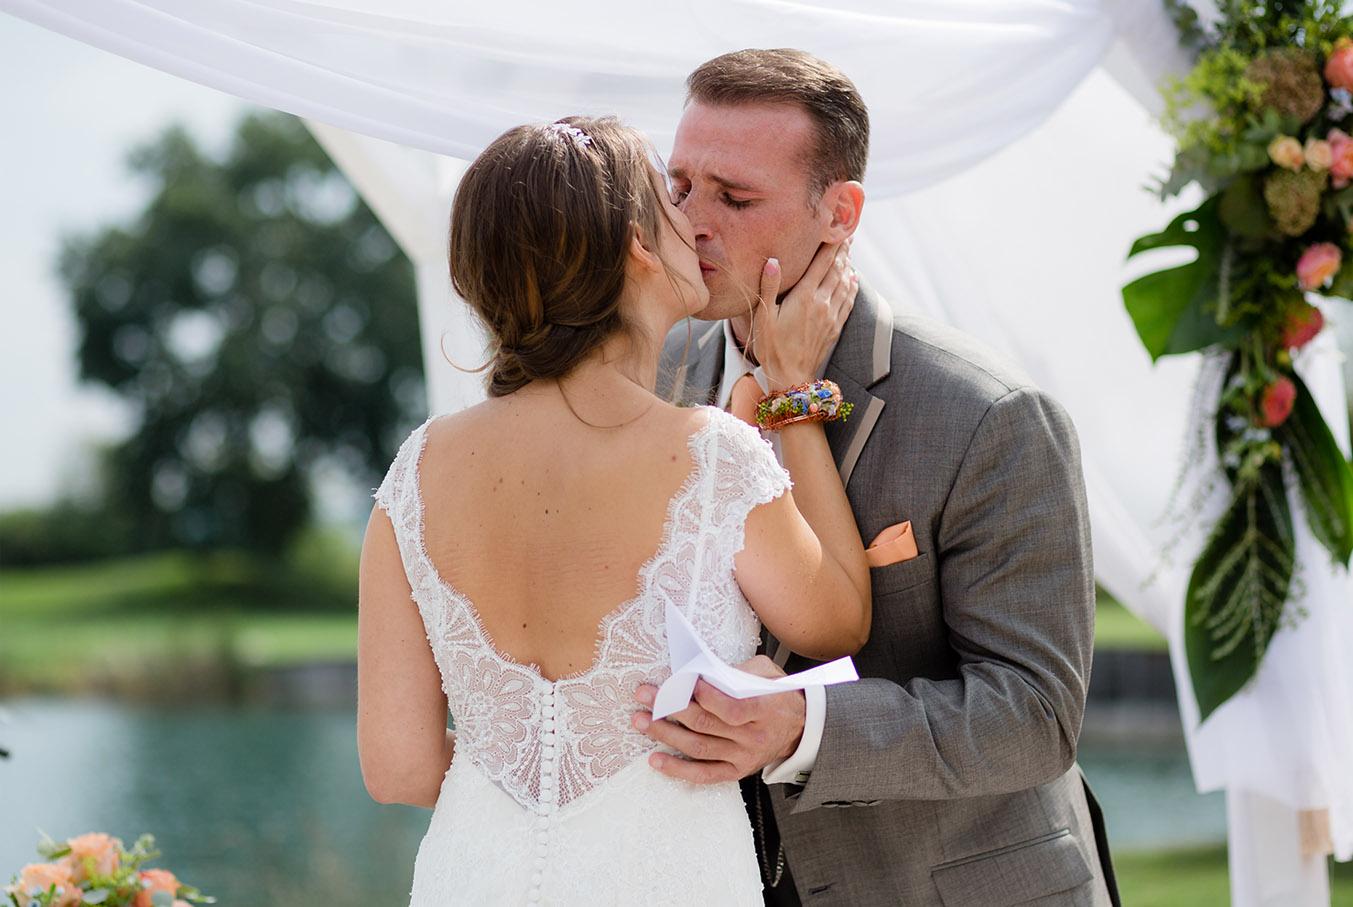 Vienna_Wien_Atzenbrugg_Hochzeit_Paar_Verlobung_Engagement_47